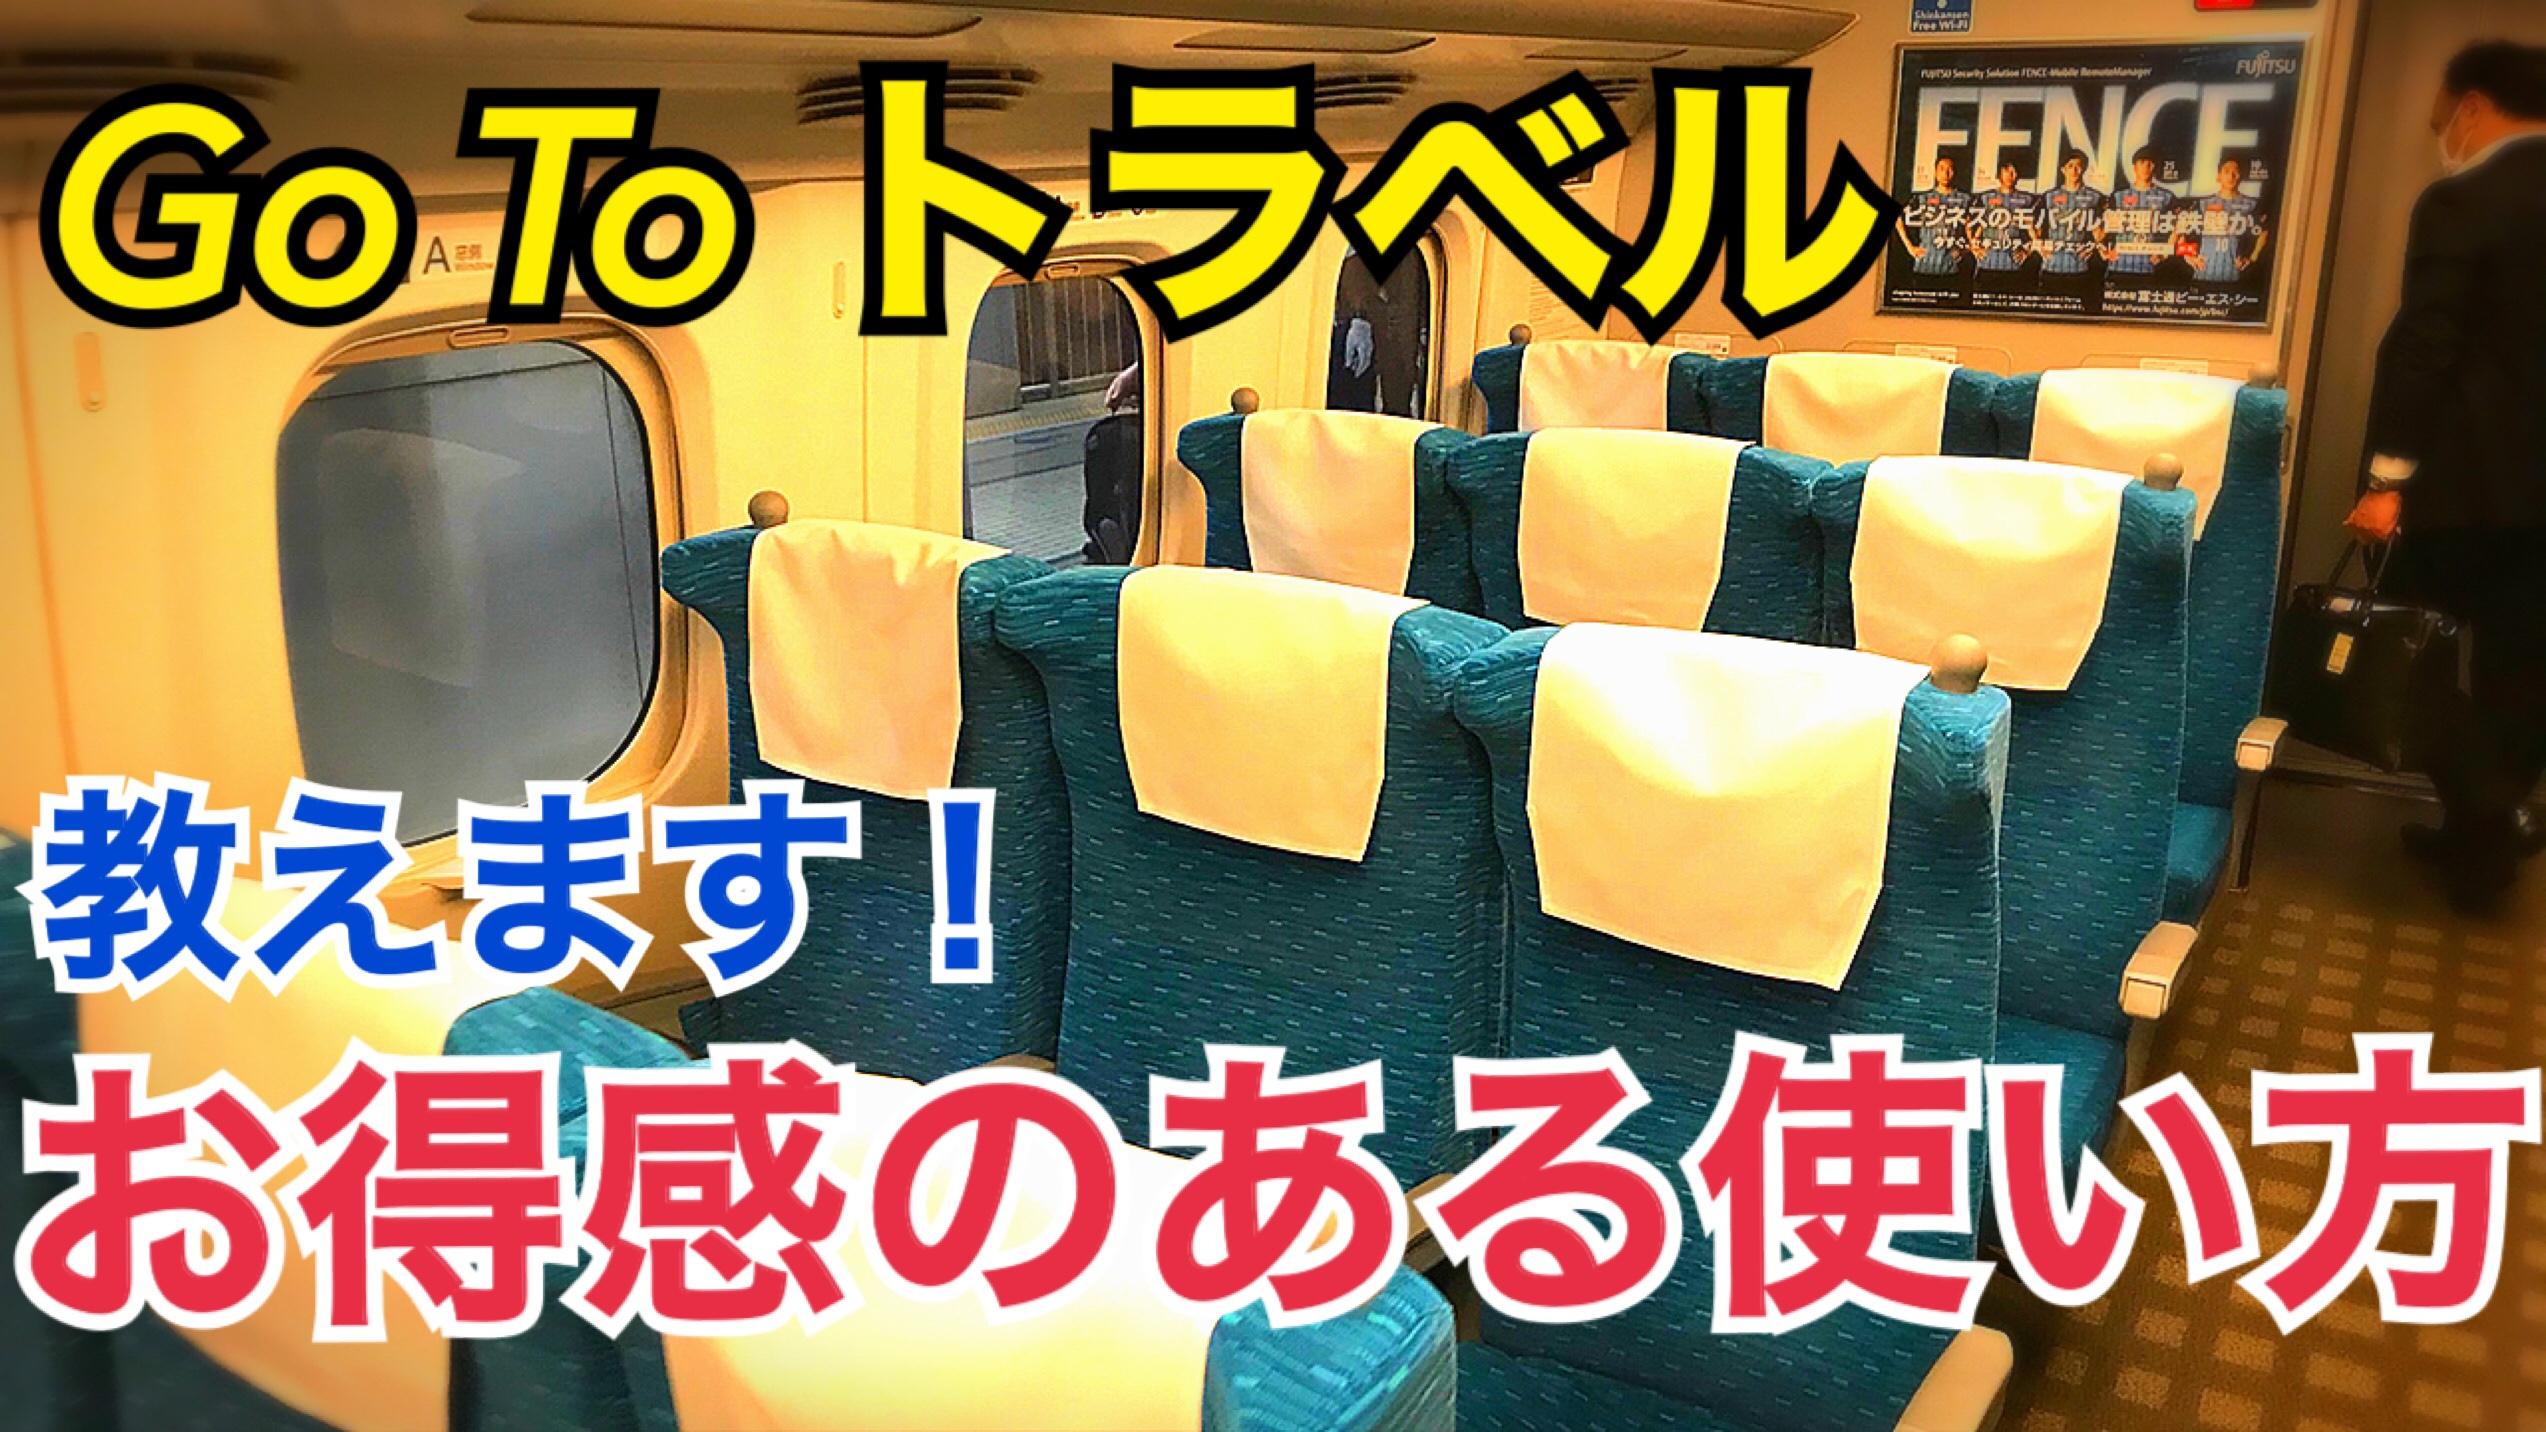 Go To トラベル、JALダイナミックパッケージが一番お得!Go To トラベルをお得に利用する方法